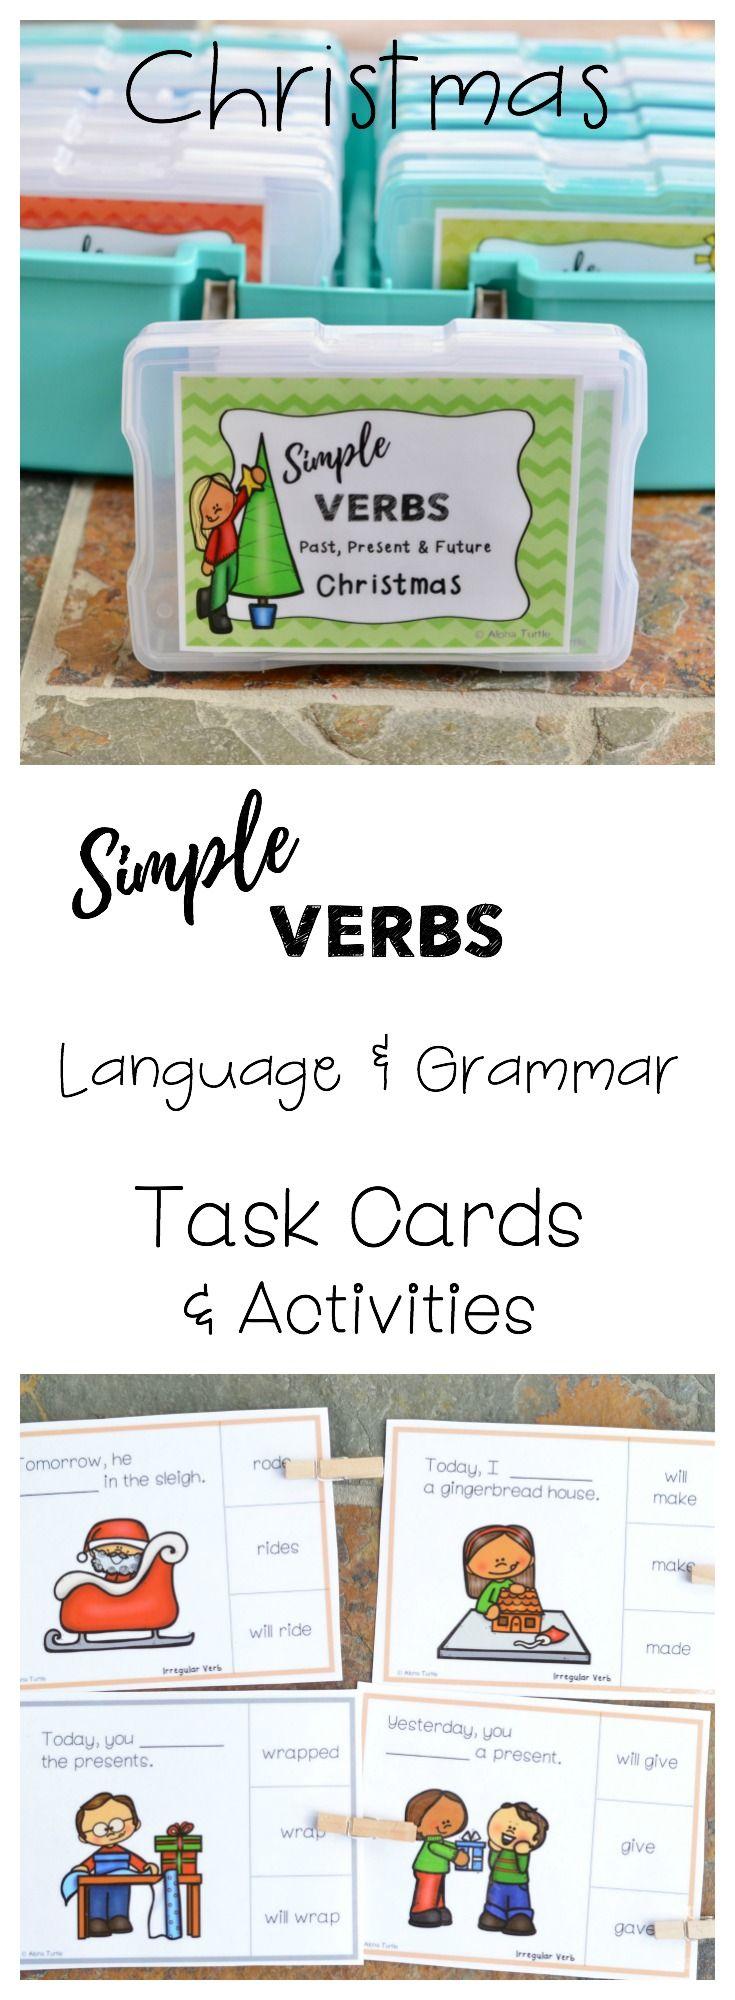 Les 25 meilleures idées de la catégorie Exemples crispe verbe sur ...